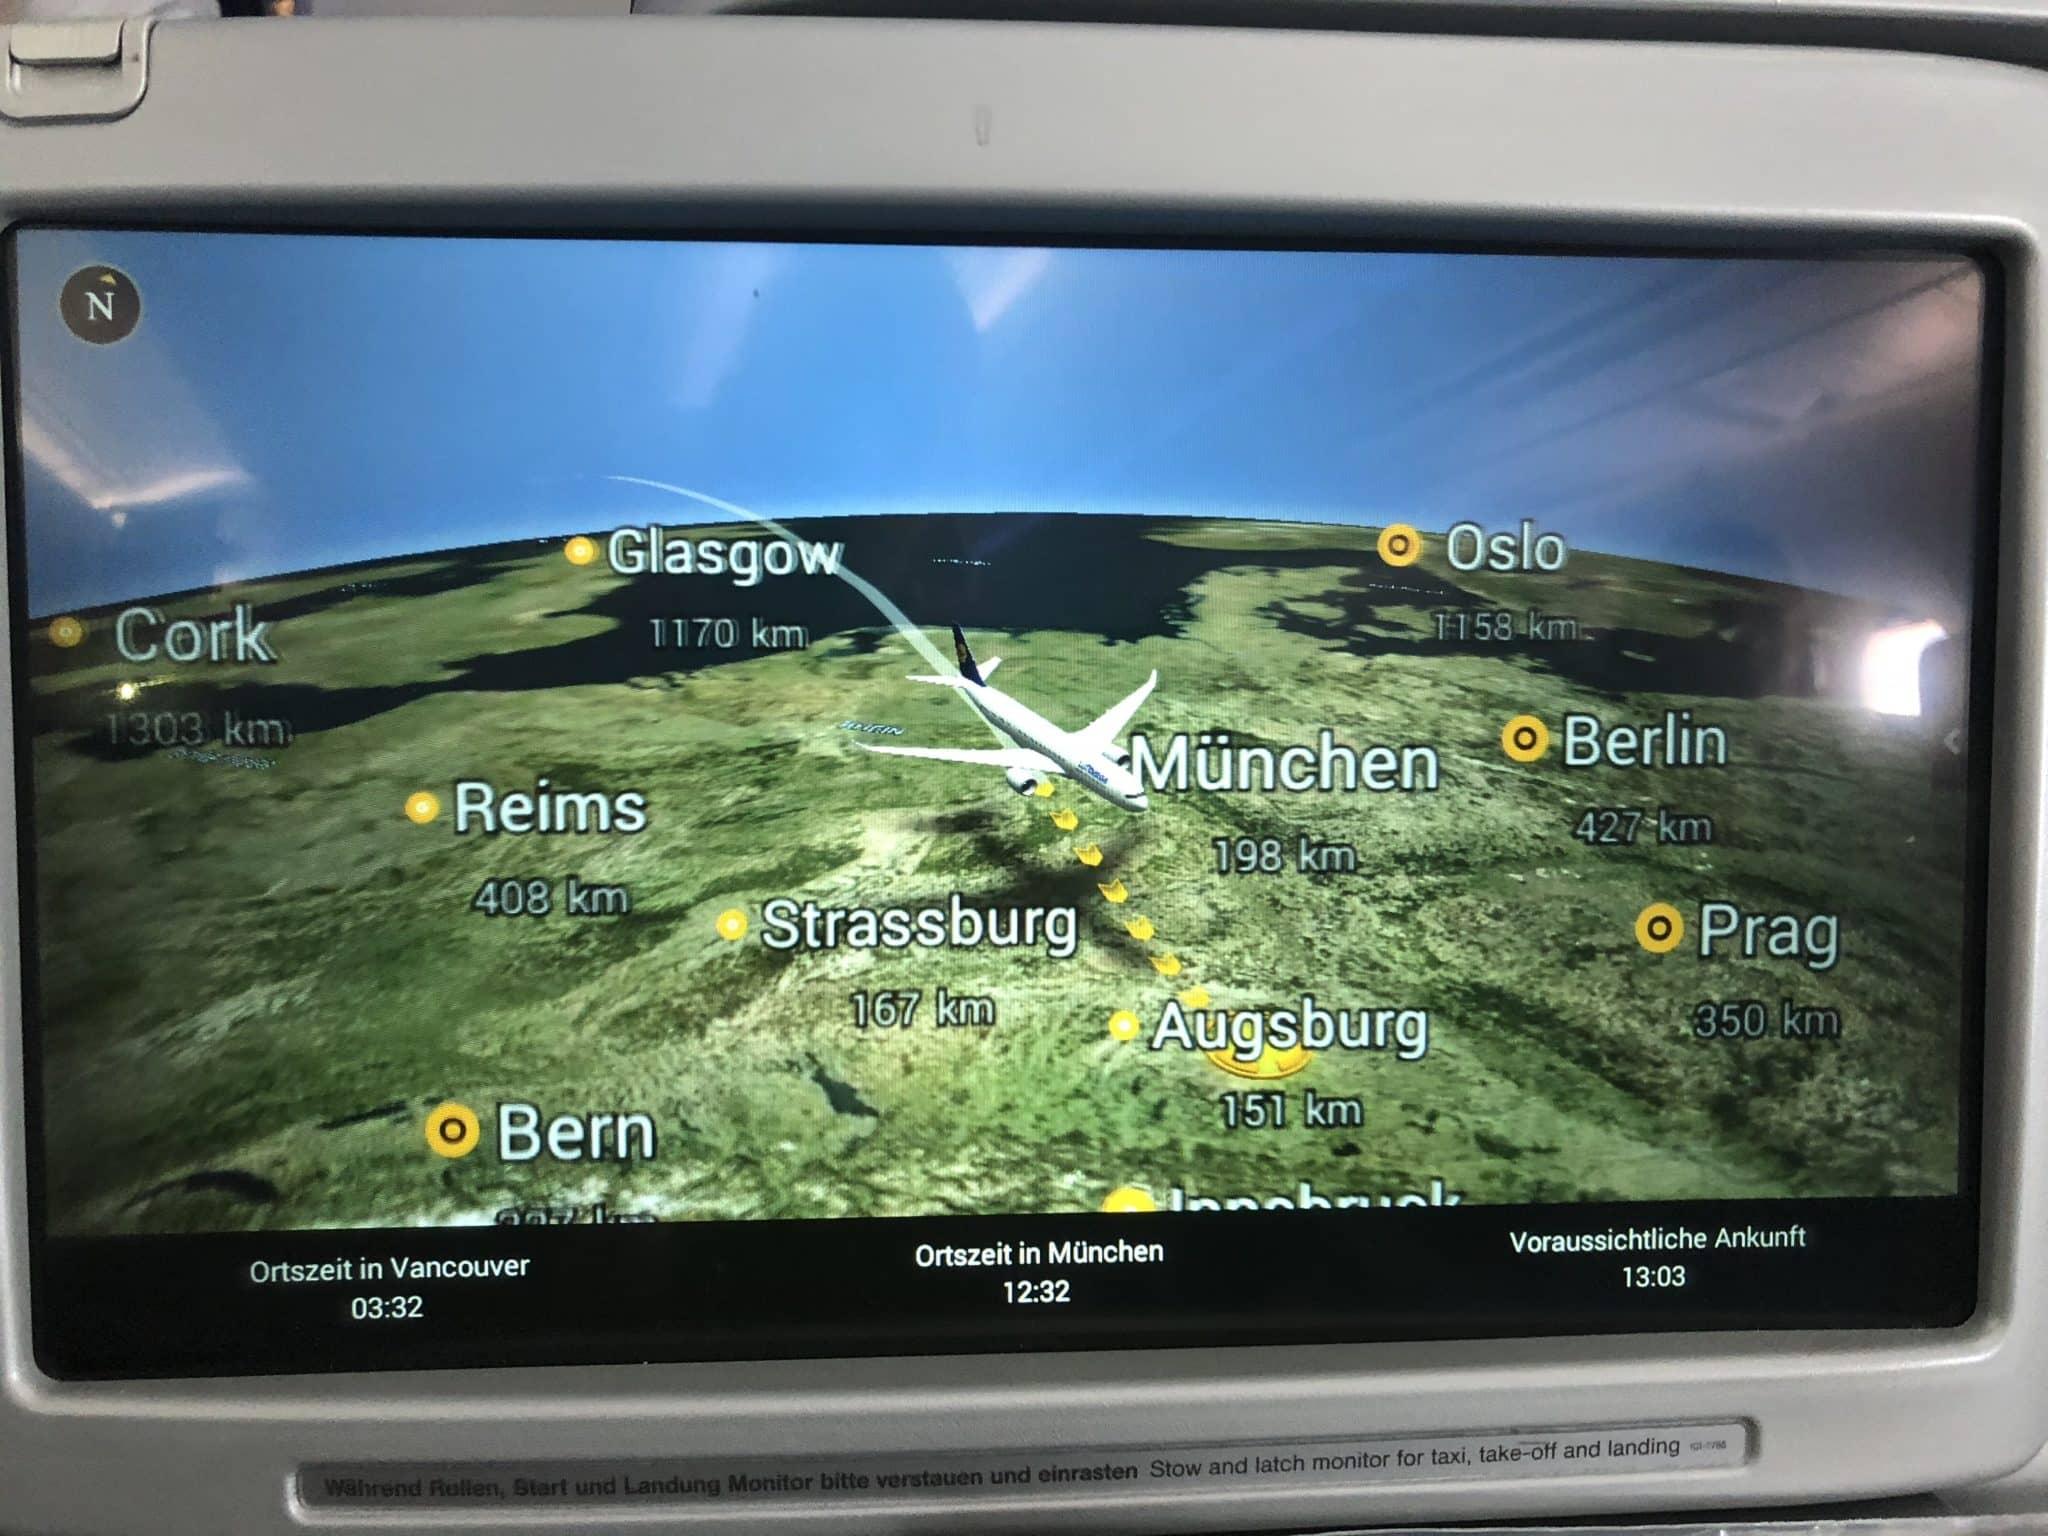 Lufthansa Business Class A350 Anflug